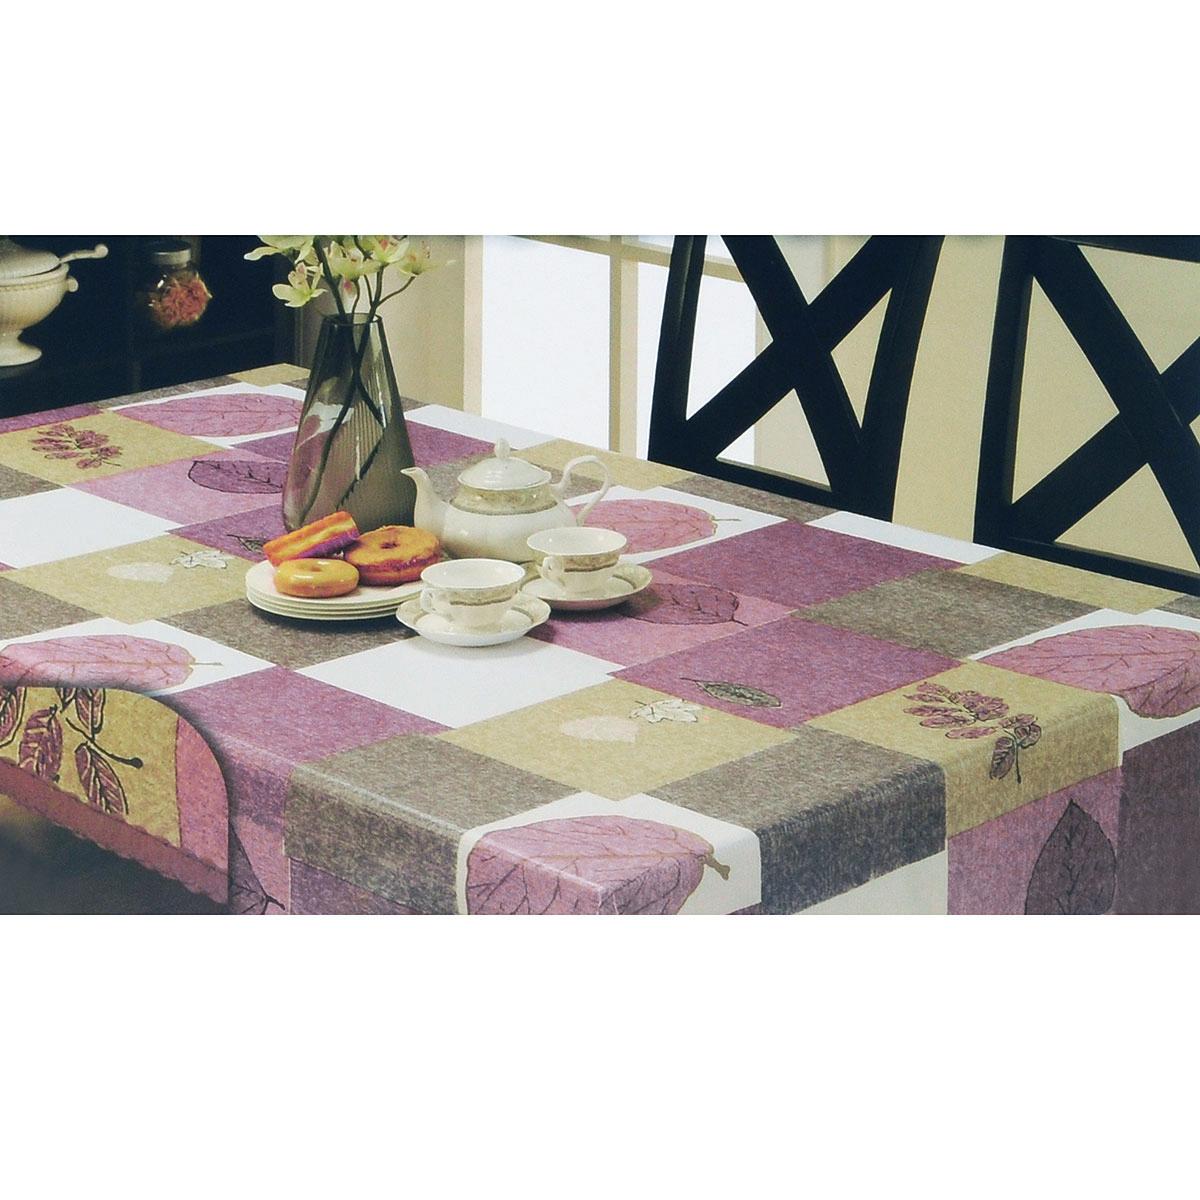 Скатерть White Fox Лист, овальная, цвет: сиреневый, серый, 152x 228 смWКTC72-266Овальная скатерть White Fox Лист, выполненная из ПВХ с основой из флиса, предназначена для защиты стола от царапин, пятен и крошек. Край скатерти обработан строчкой. Скатерть оформлена изображением листочков, а рифлёная поверхность формирует приятные тактильные ощущения, при этом частички пищи удаляются с легкостью и поверхность остается всегда чистой. Скатерть термостойкая, выдерживает температуру до +70 °C.Скатерть White Fox проста в уходе - её можно протирать любыми моющими средствами при необходимости.Скатерть упакована в виниловый пакет с внутренним цветным вкладышем и подвесом в виде крючка.